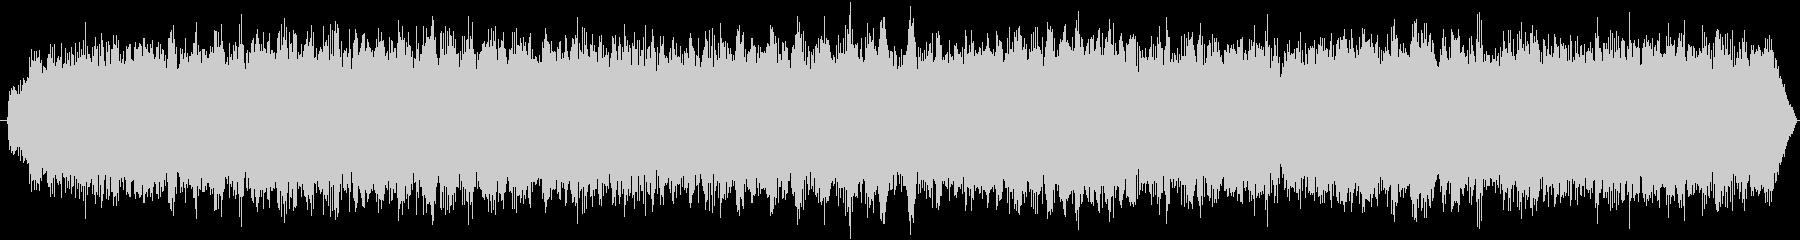 PADS 合唱団ハム01の未再生の波形